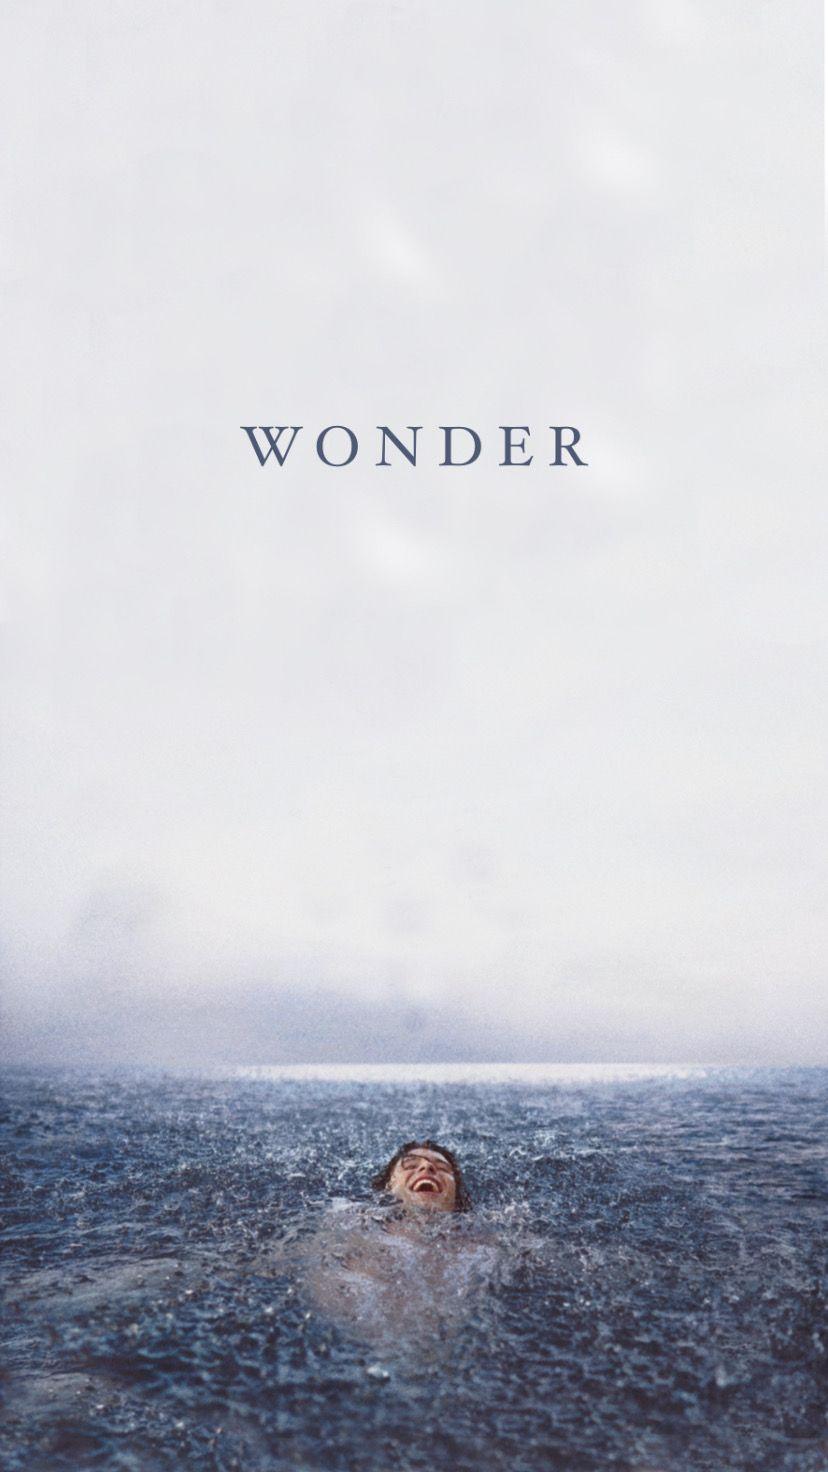 Wonder Shawn Mendes Wonder Wallpaper Shawnmendes Aesthetic Shawn Mendes Wallpaper Shawn Mendes Shawn